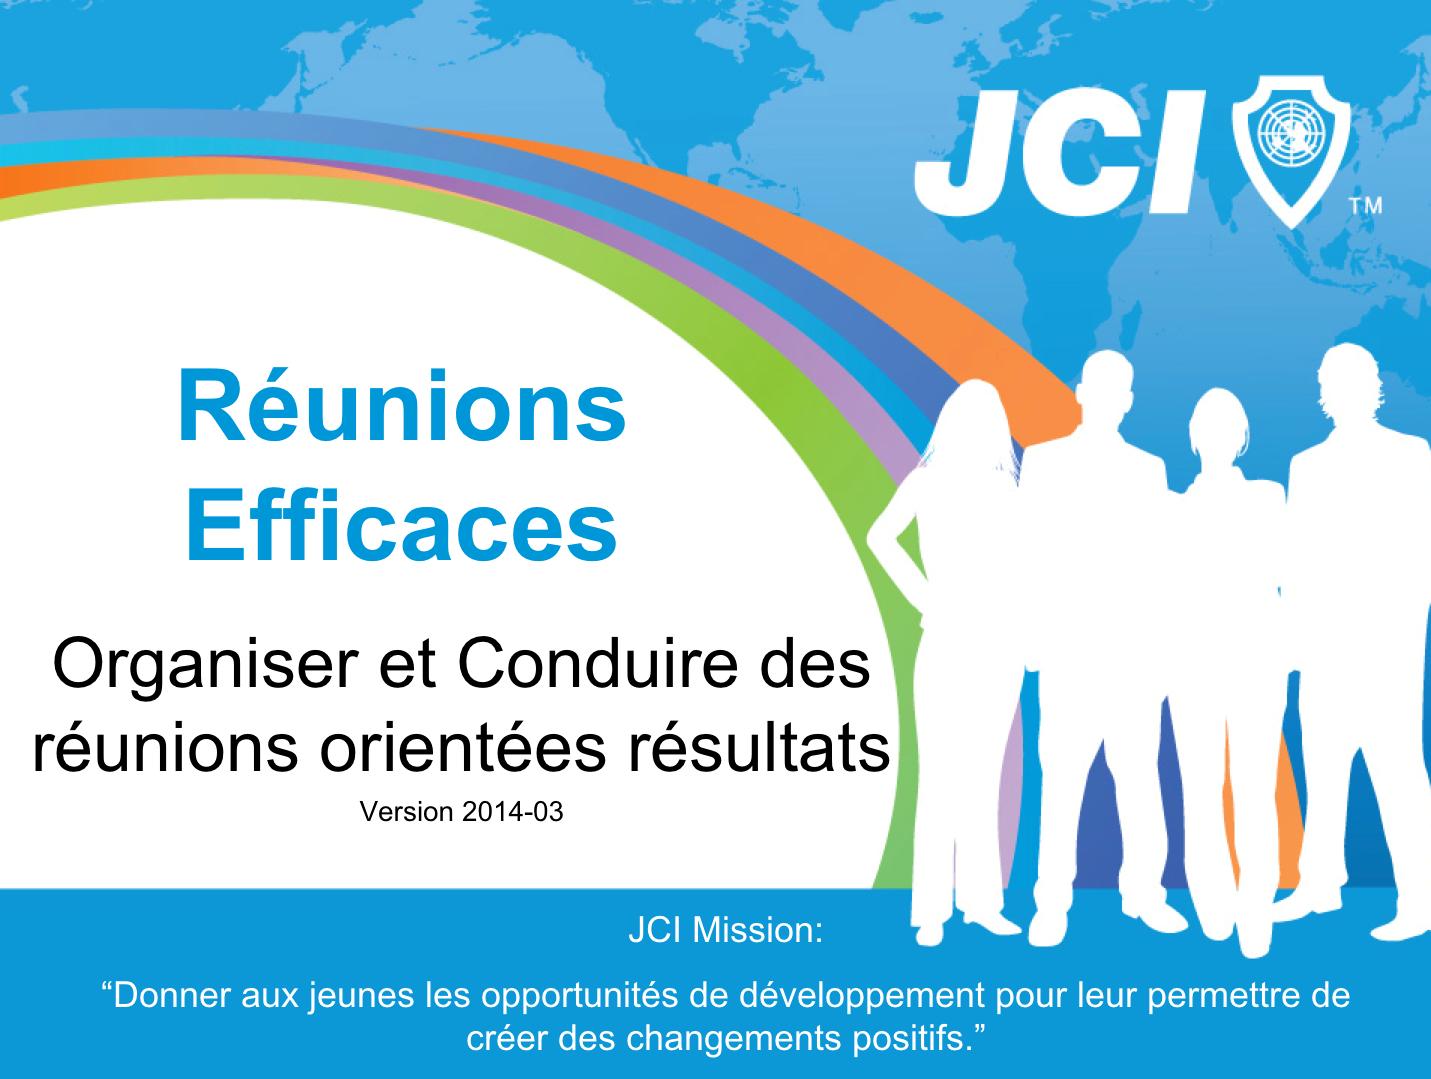 JCI Réunions Efficaces